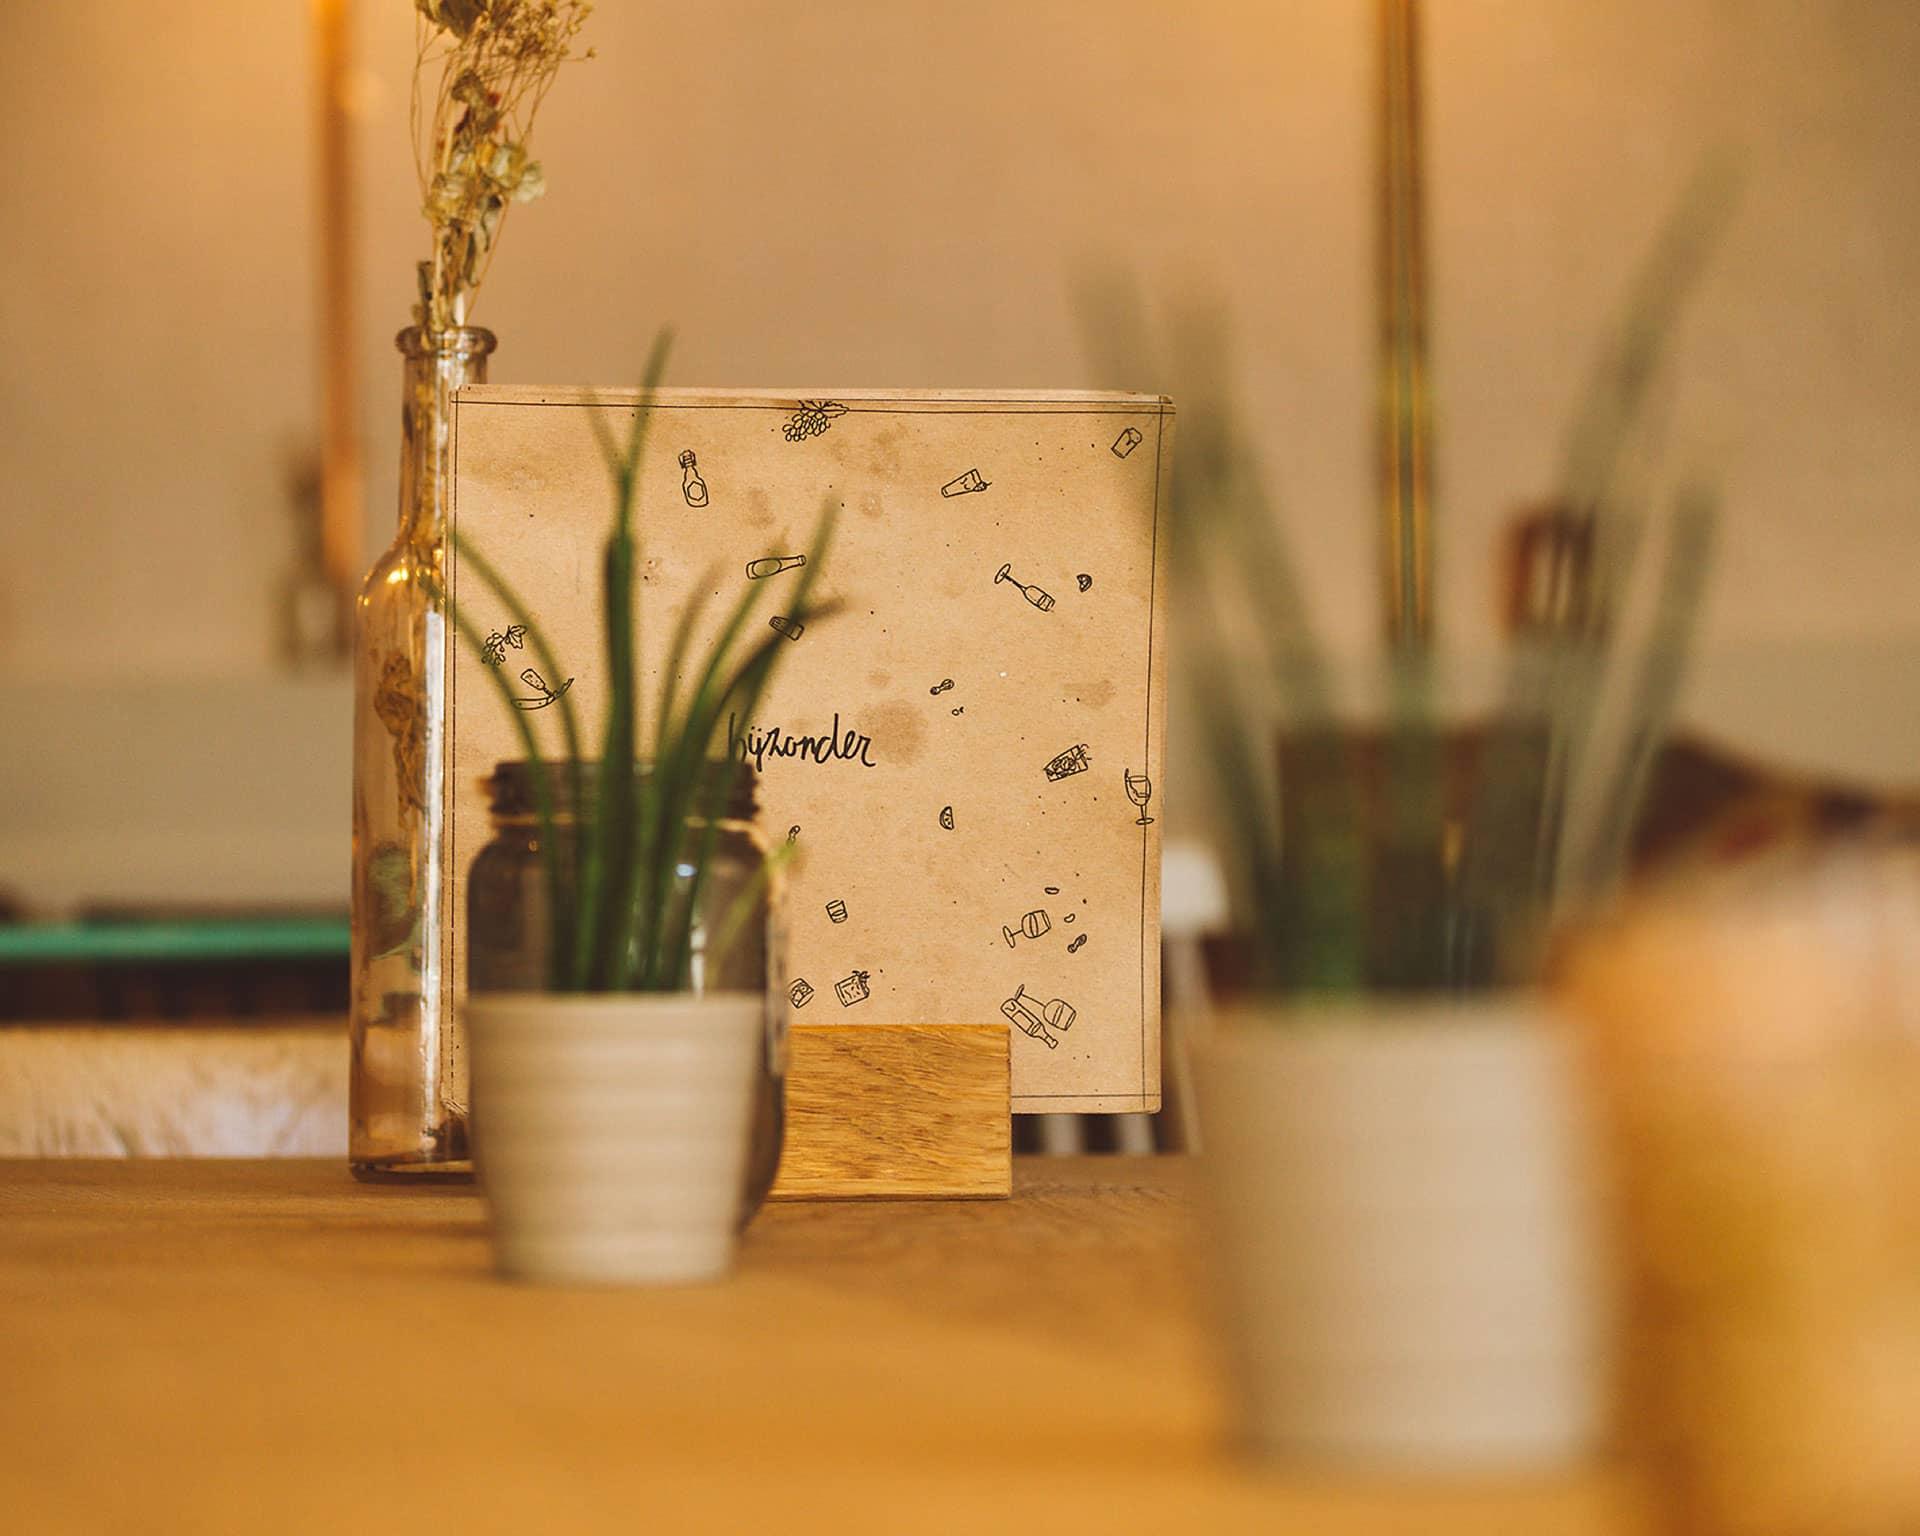 Menukaart van restaurant Bijzonder in Maastricht ontworpen door Saus